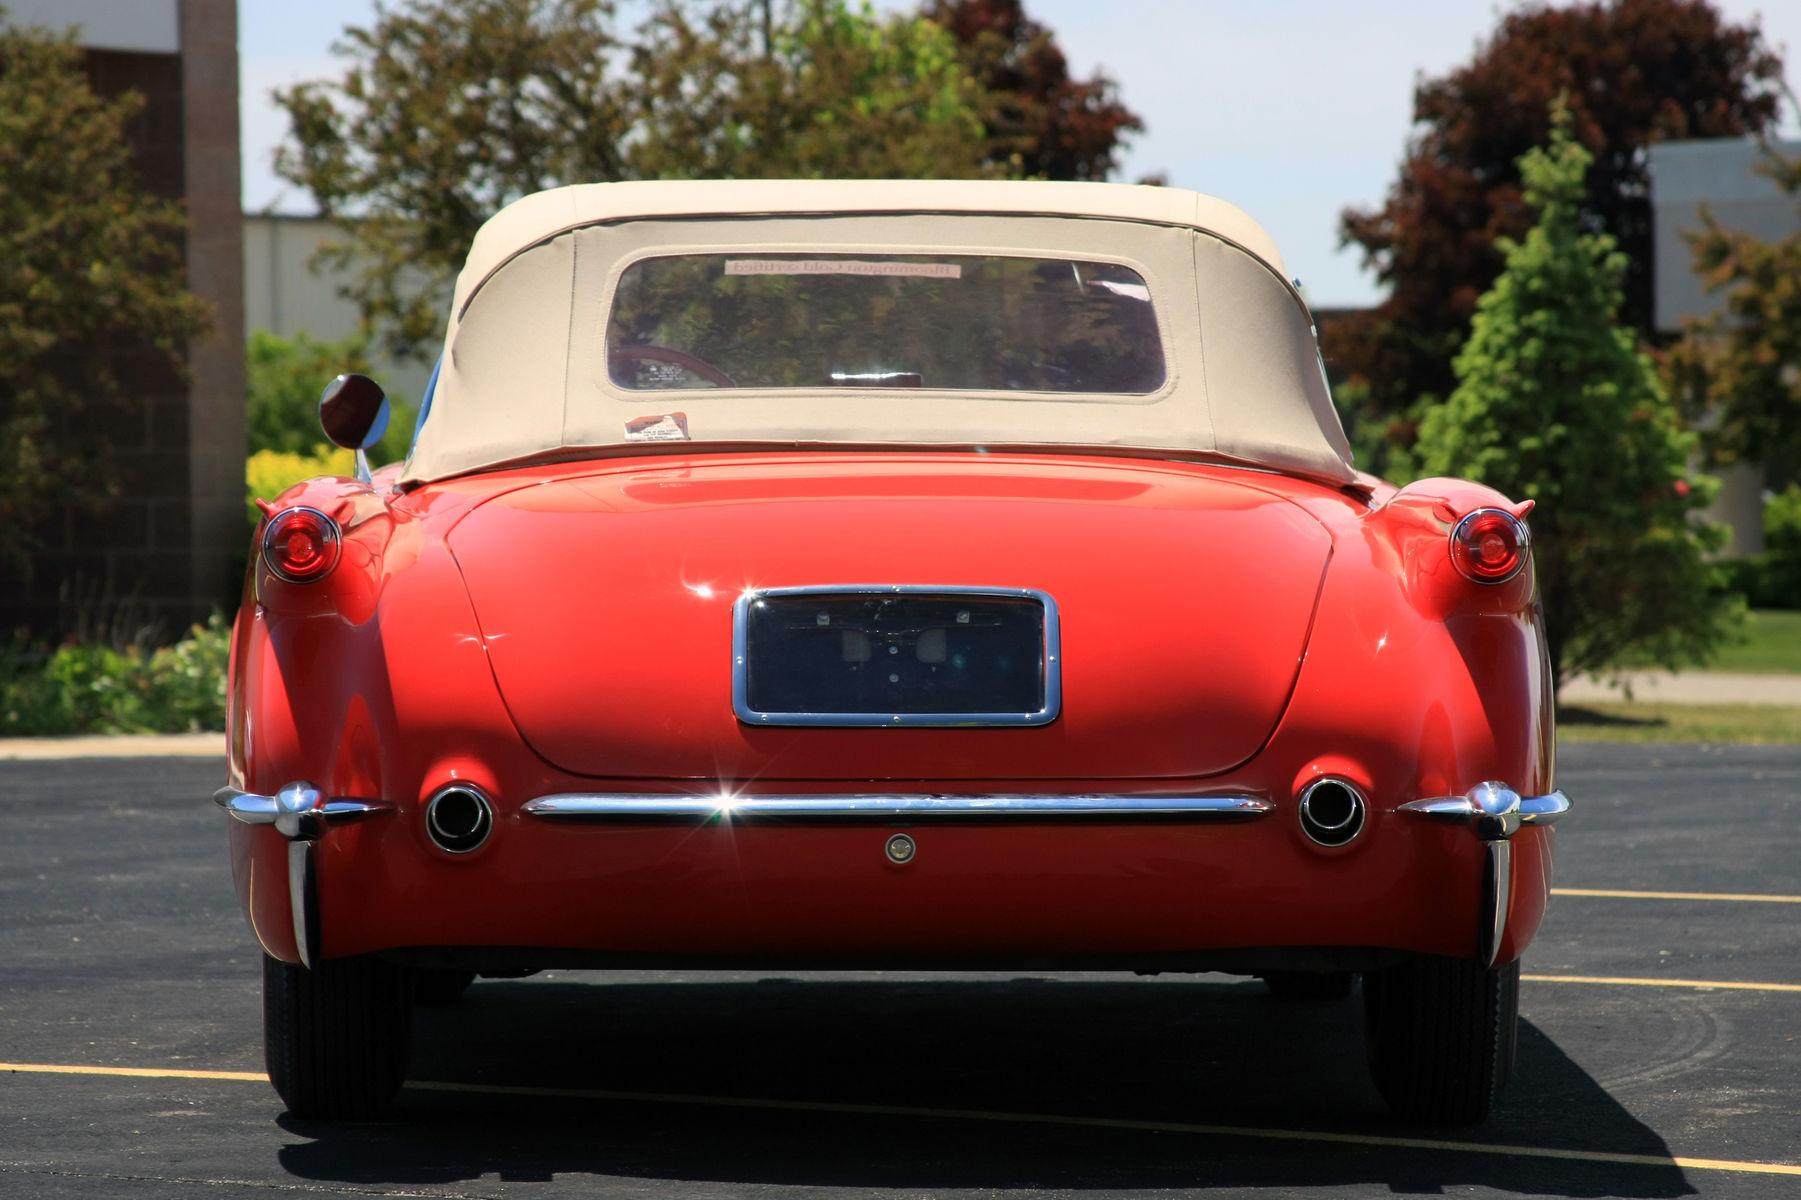 1954 Chevrolet Corvette | 1954 Chevrolet Corvette - Rear